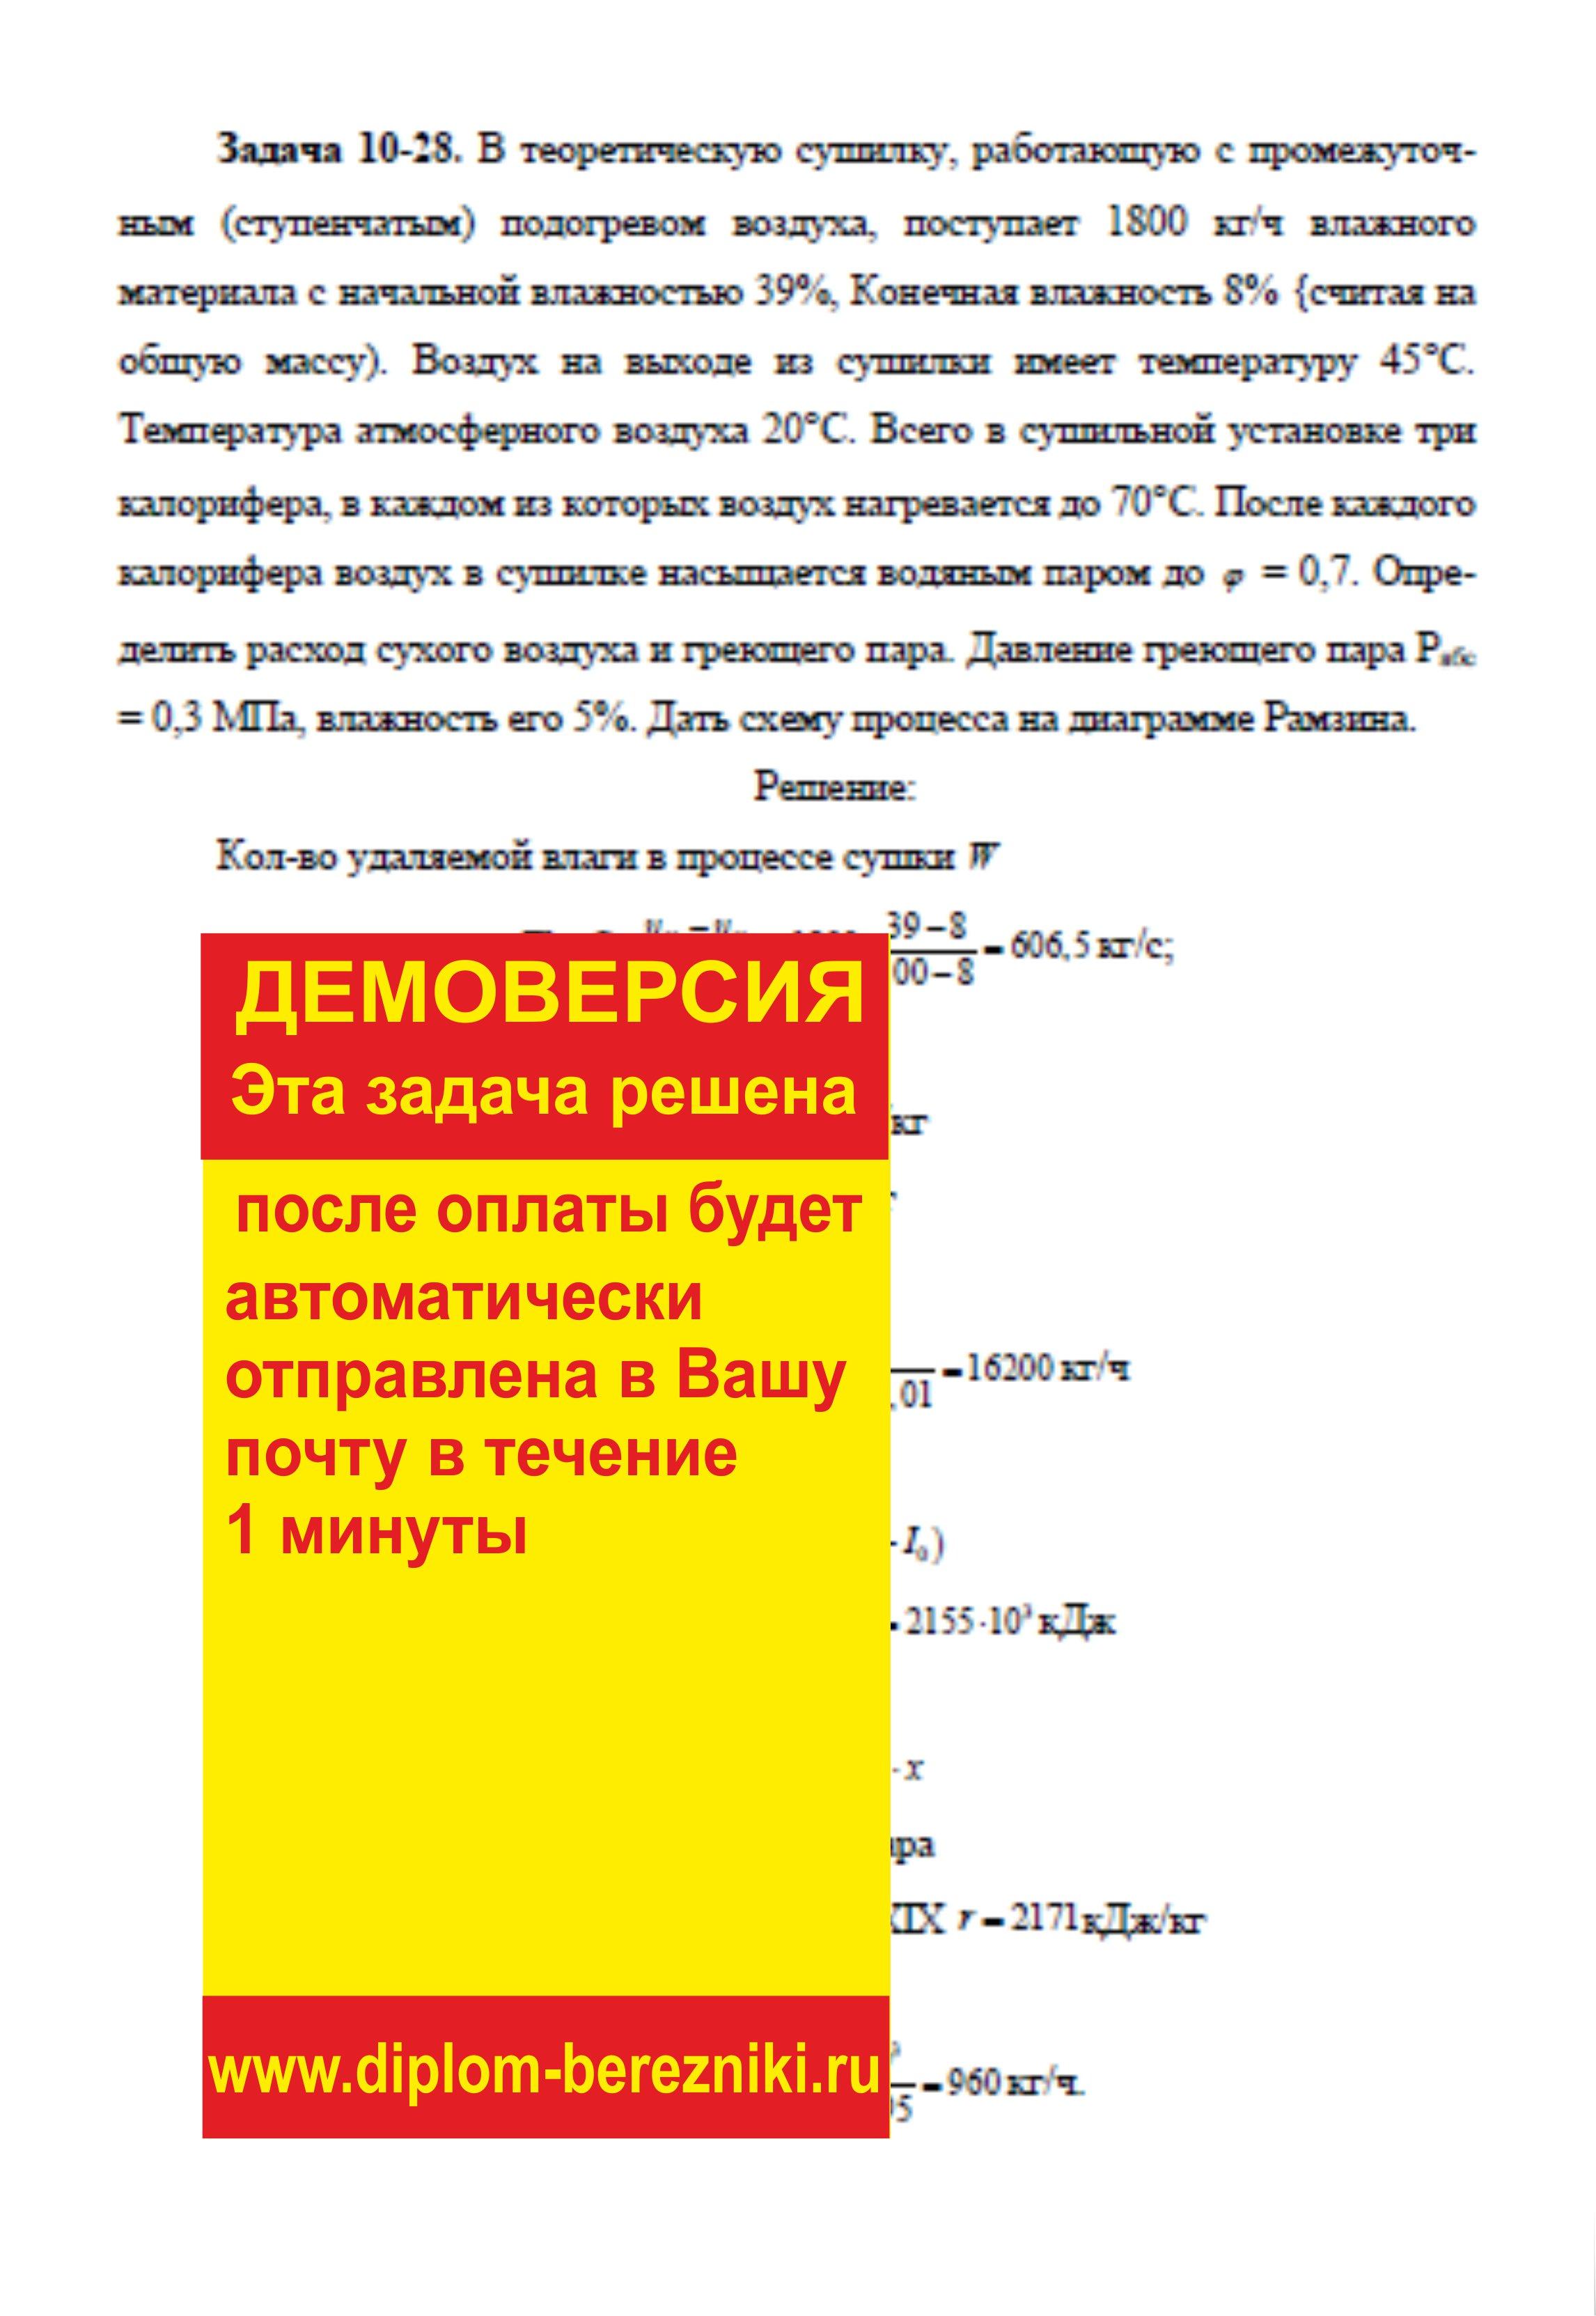 Решение задачи 10.28 по ПАХТ из задачника Павлова Романкова Носкова